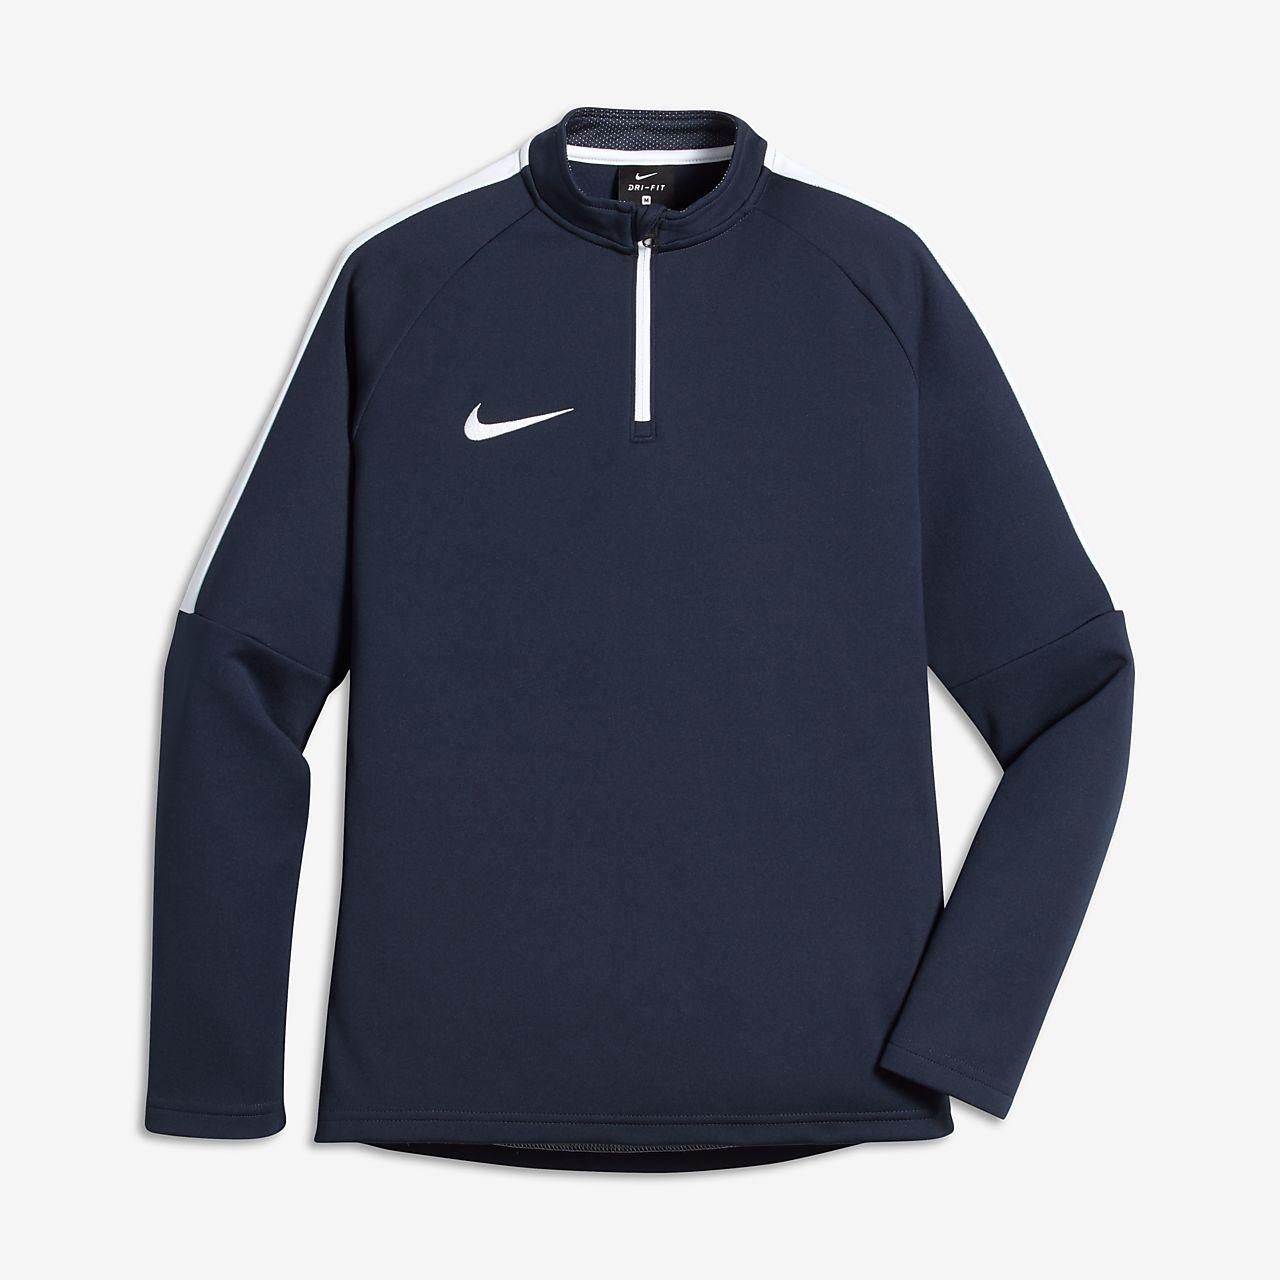 Dri Allenamento Calcio Fit Da It Nike Maglia Per Ragazzi CwtRXqwz5